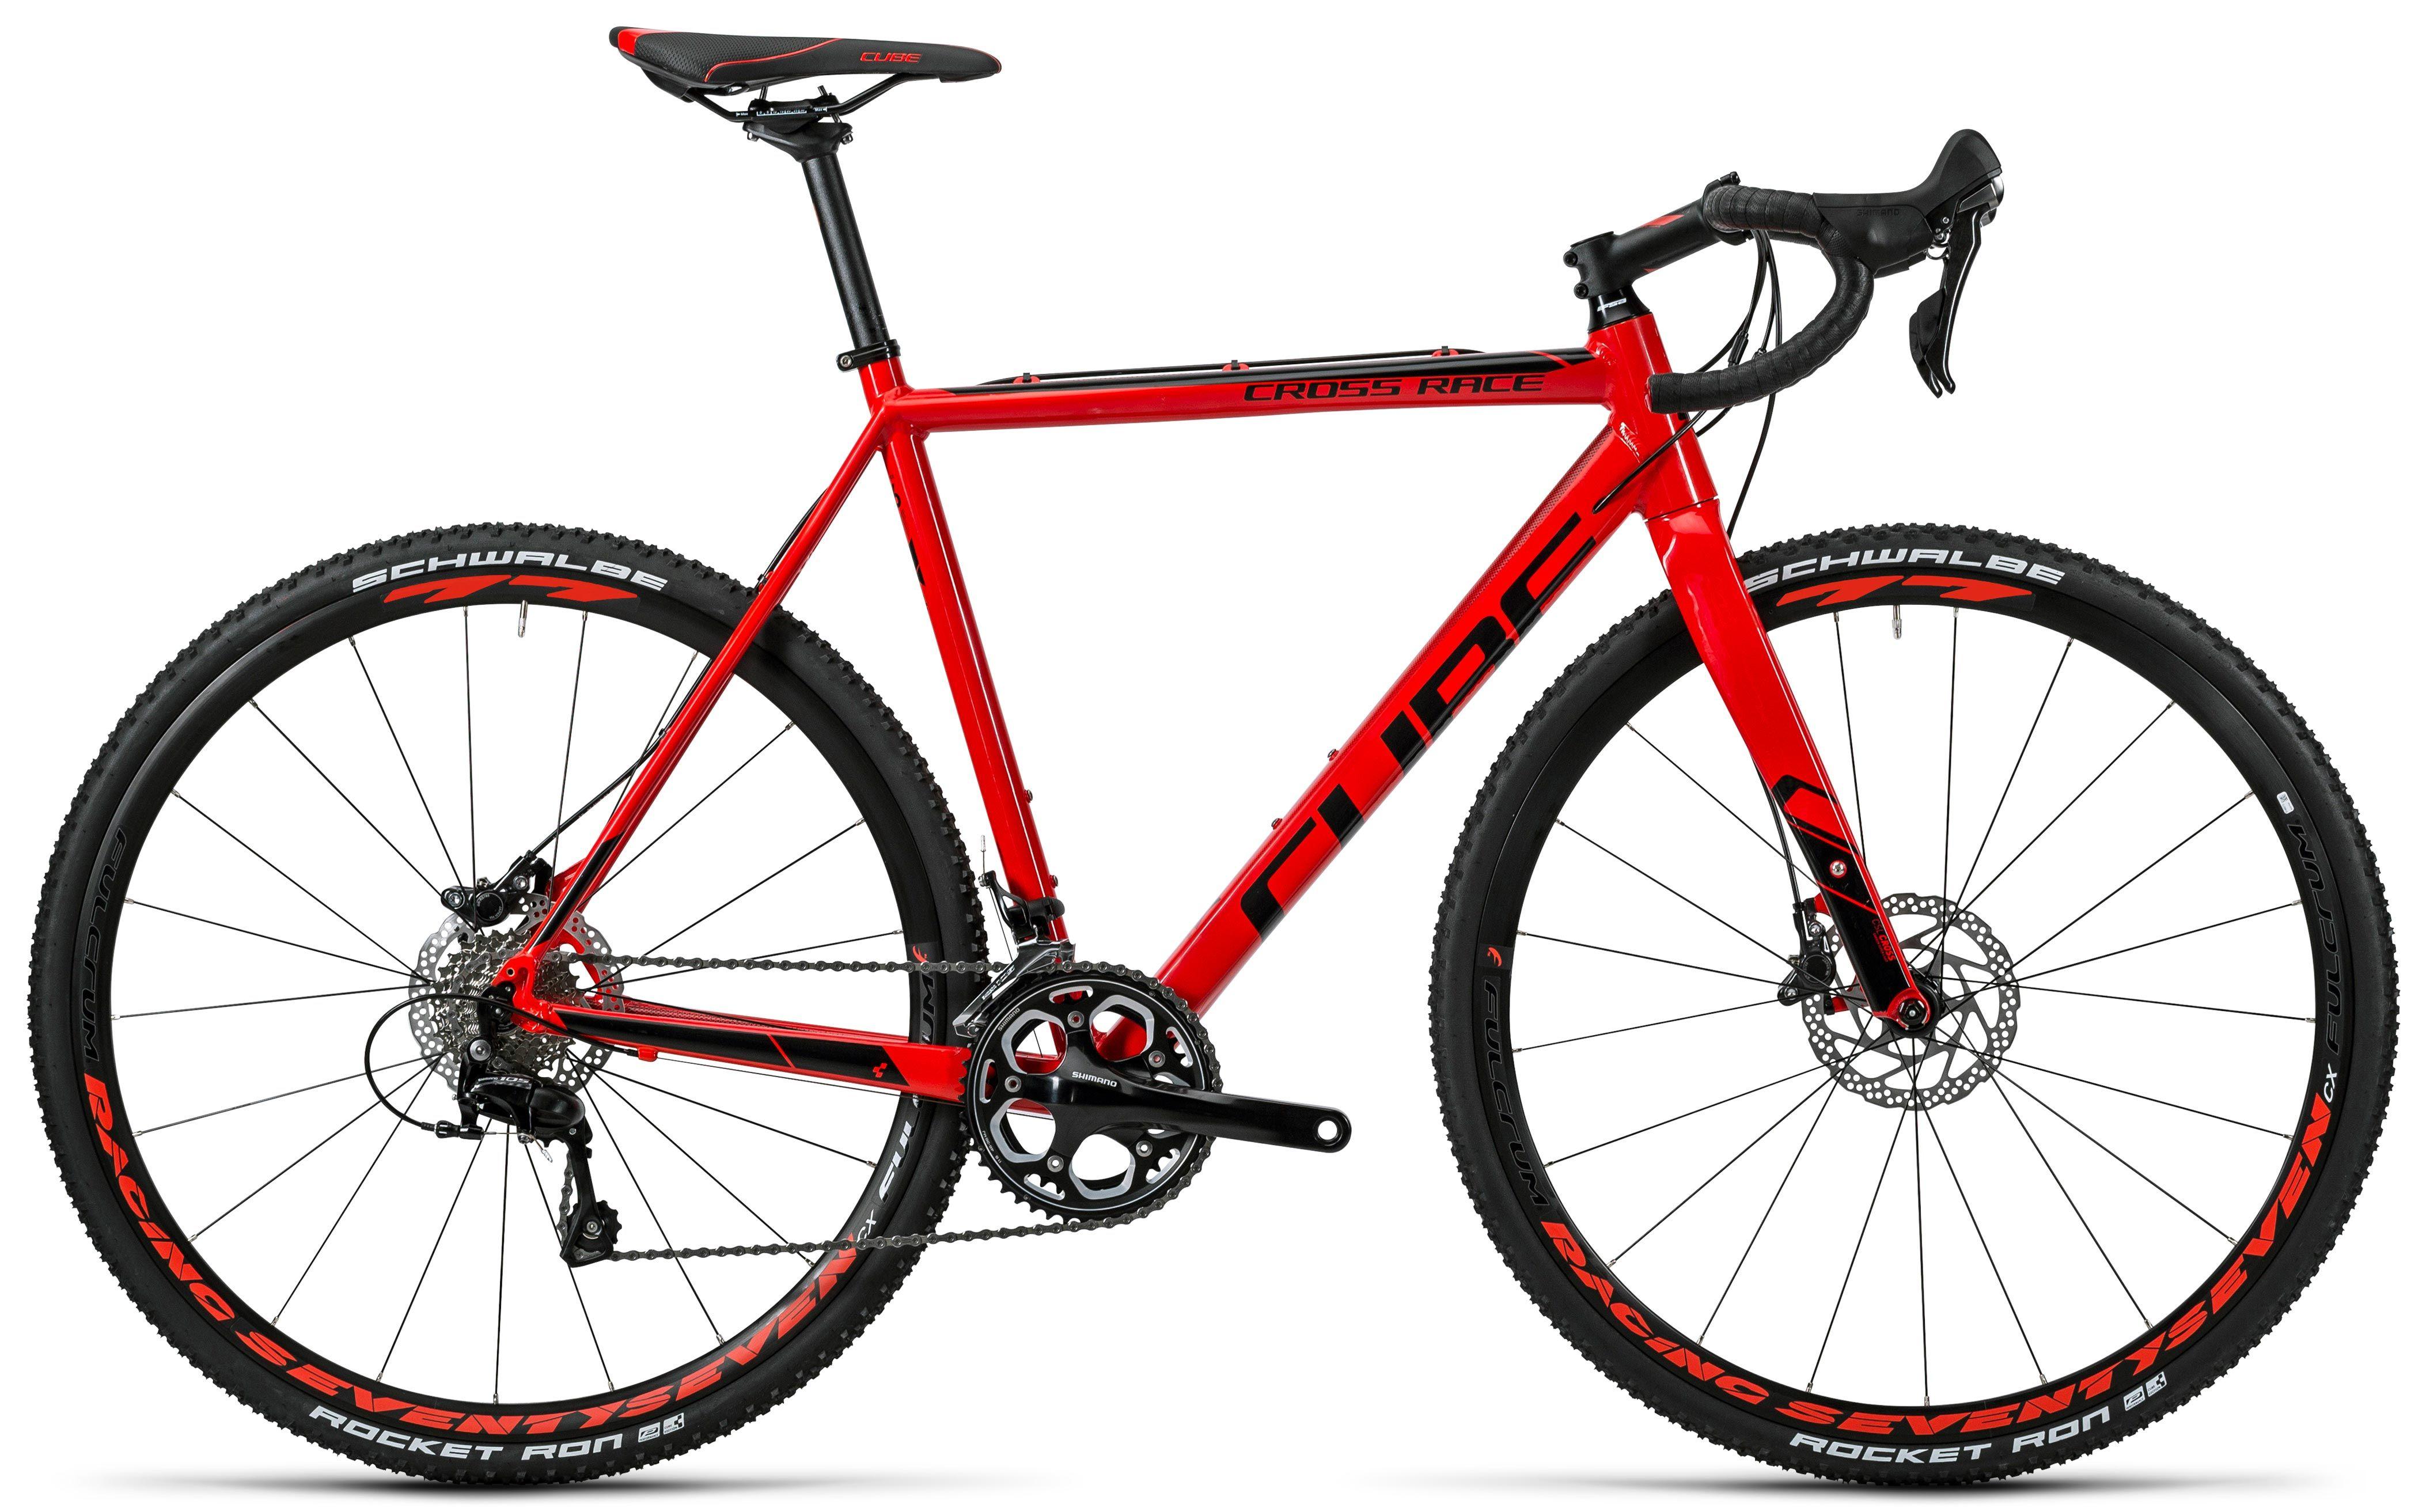 Big bike image of cross race Pro | Cube cross race Pro | Pinterest ...